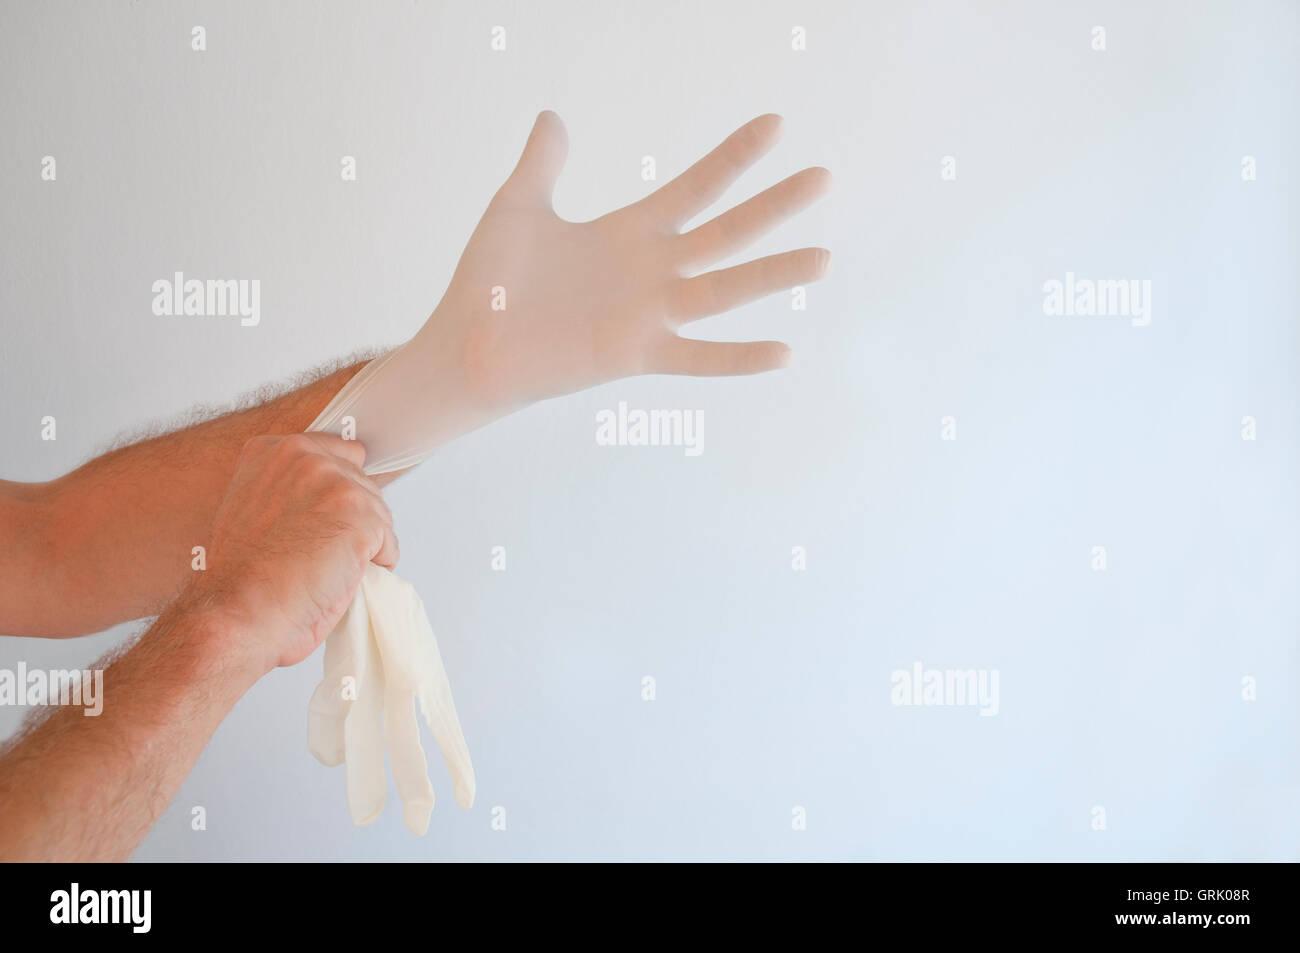 L'homme de mettre ses gants en latex. Banque D'Images